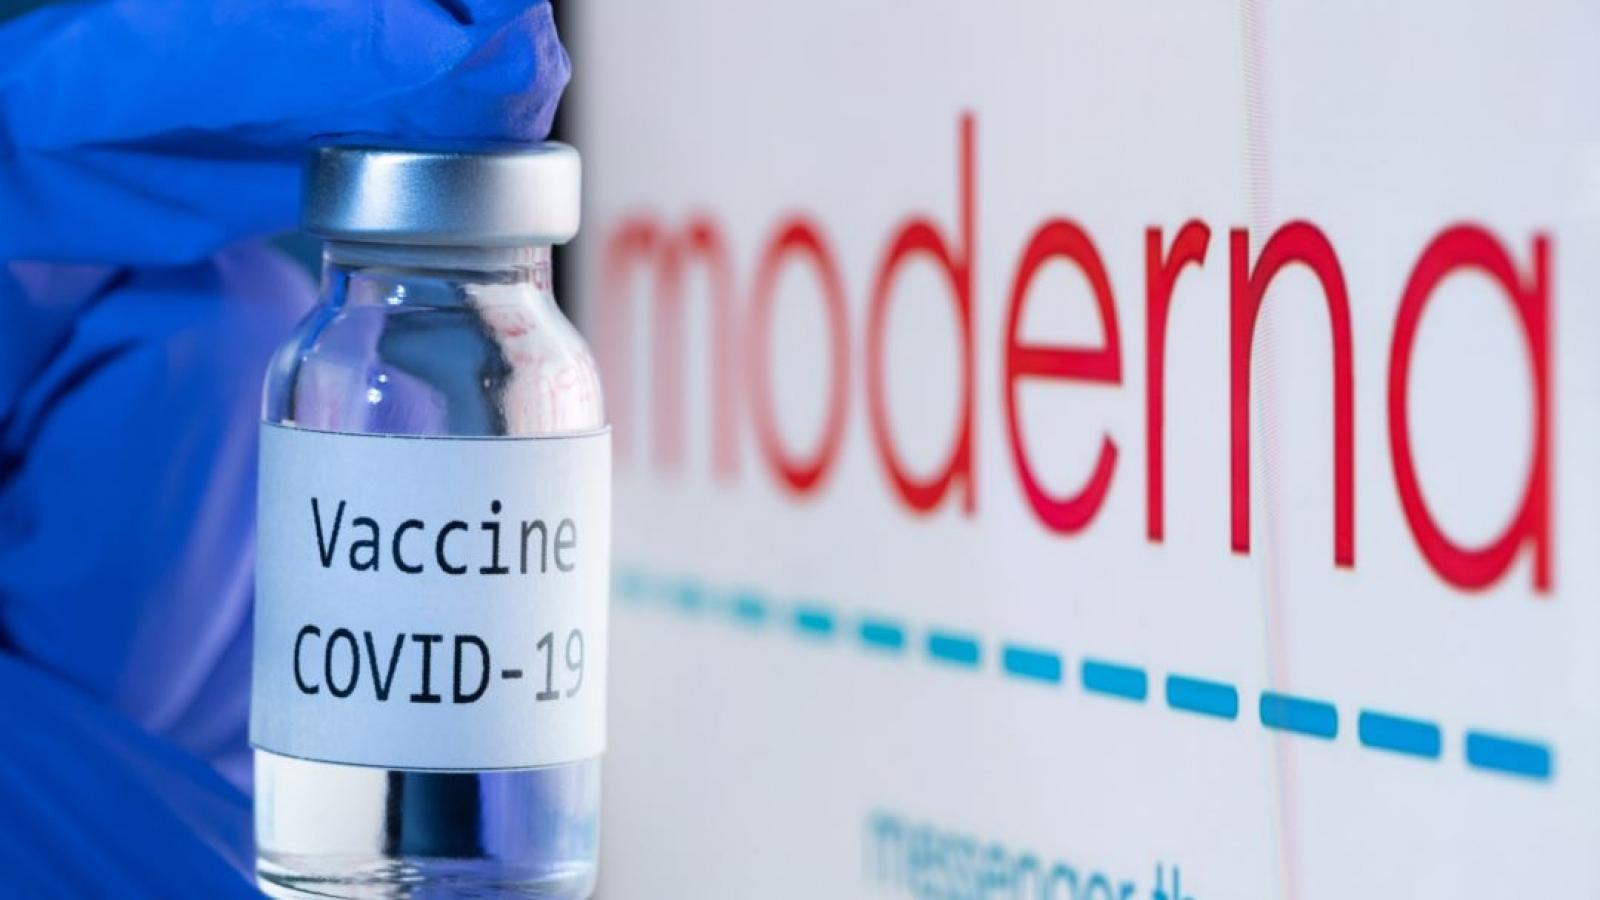 Moderna hi vọng vaccine Covid-19 có khả năng chống lại biến thể mới